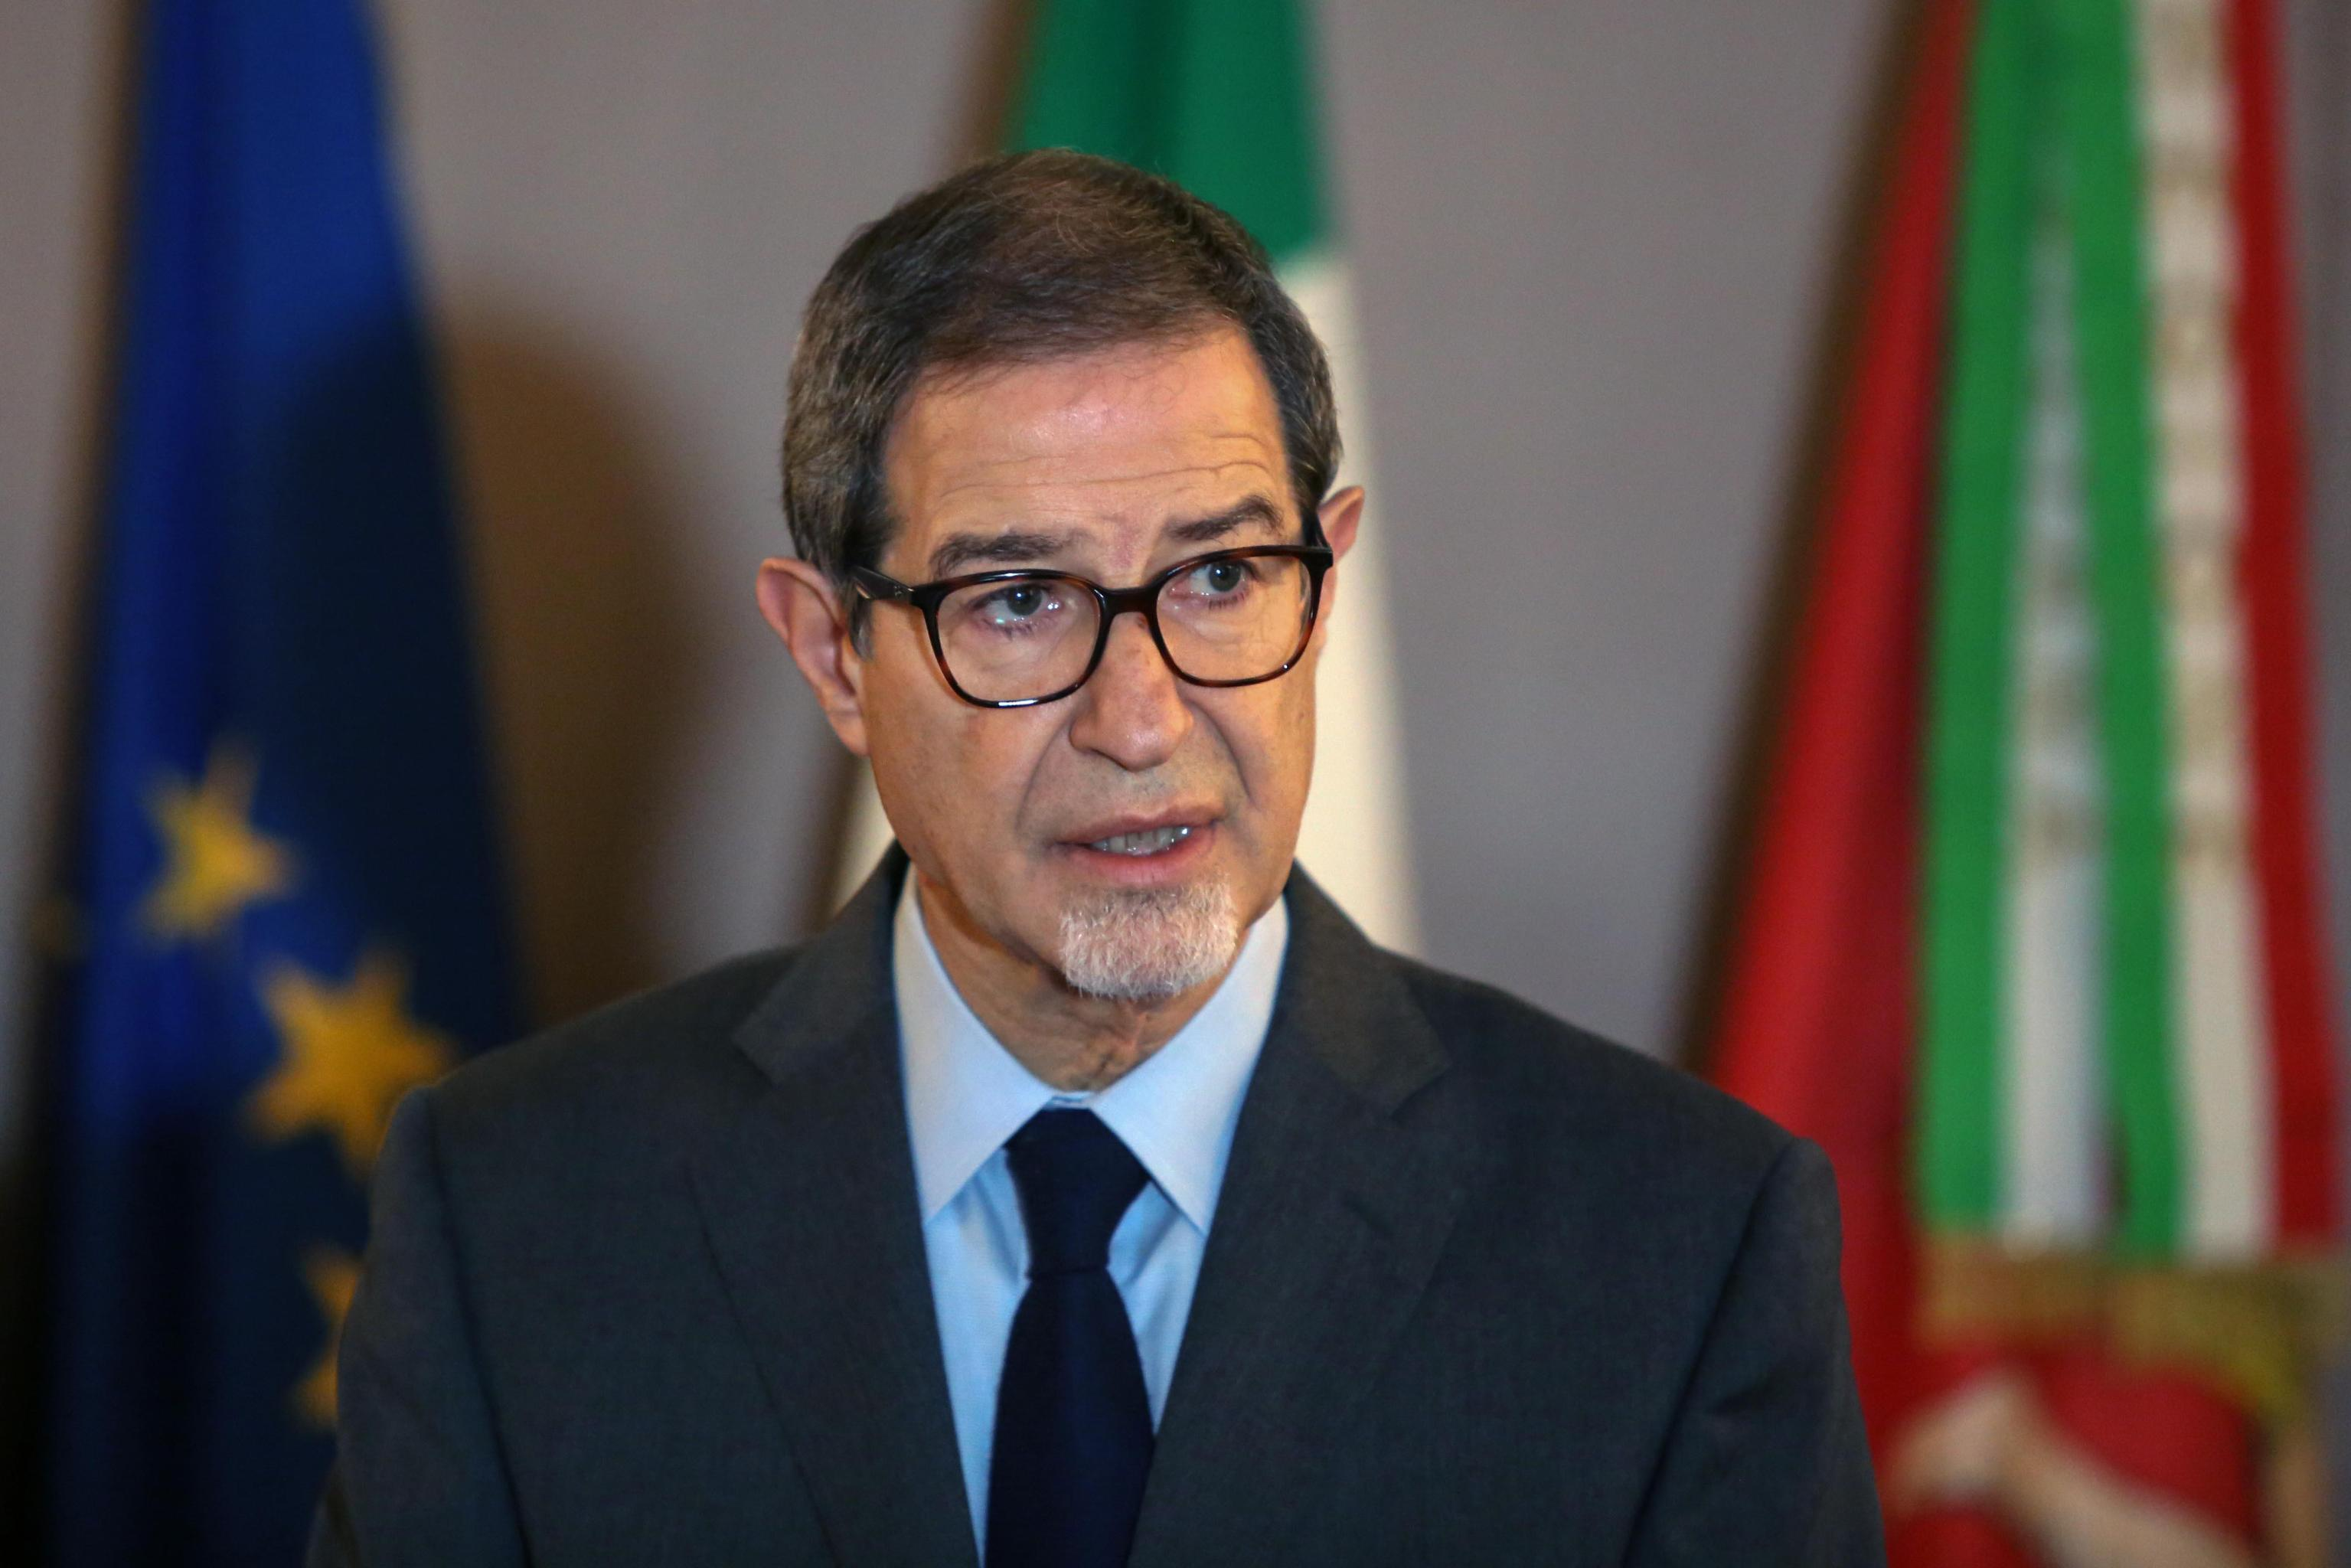 """Sicilia, l'annuncio del governatore Musumeci: """"Siracusa avrà un nuovo  ospedale"""" - Gazzetta del Sud"""